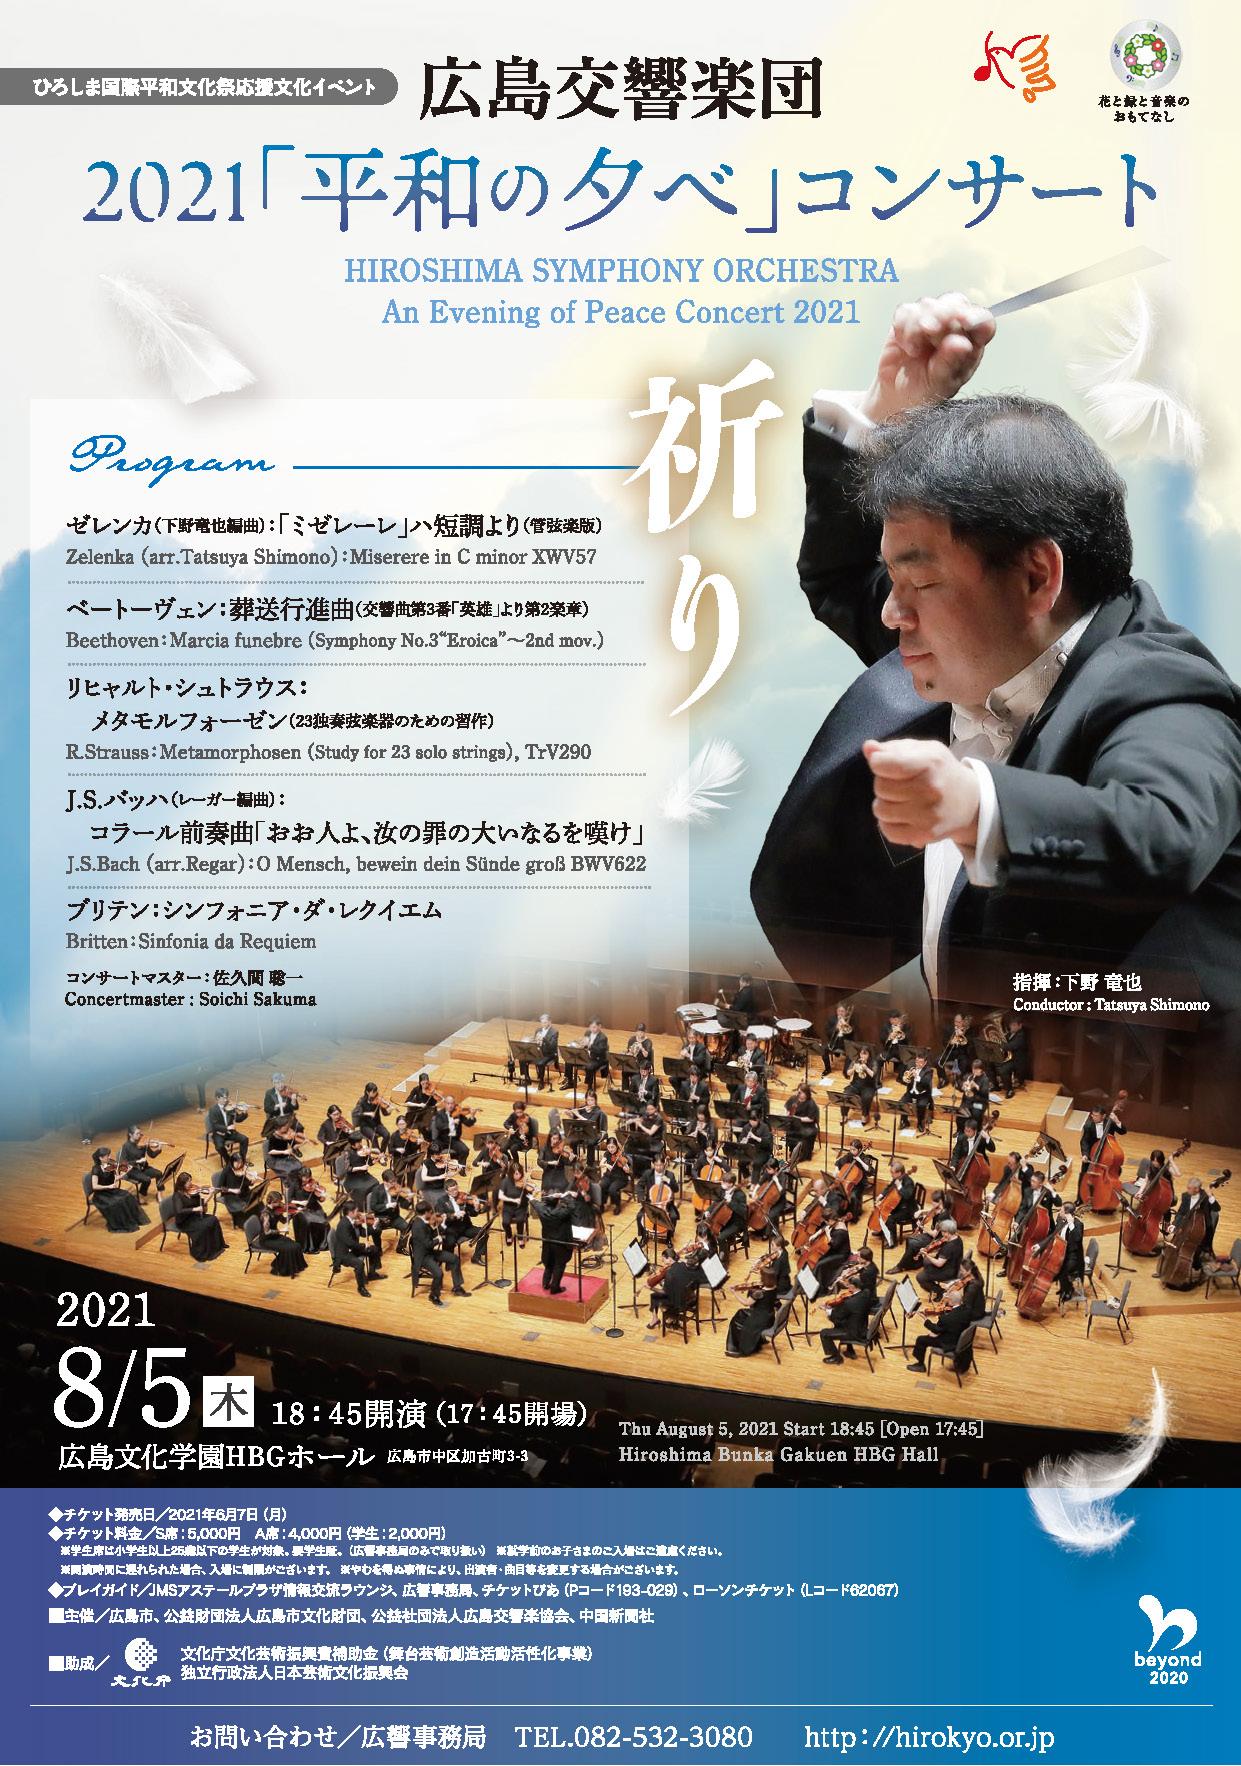 2021「平和の夕べ」コンサート